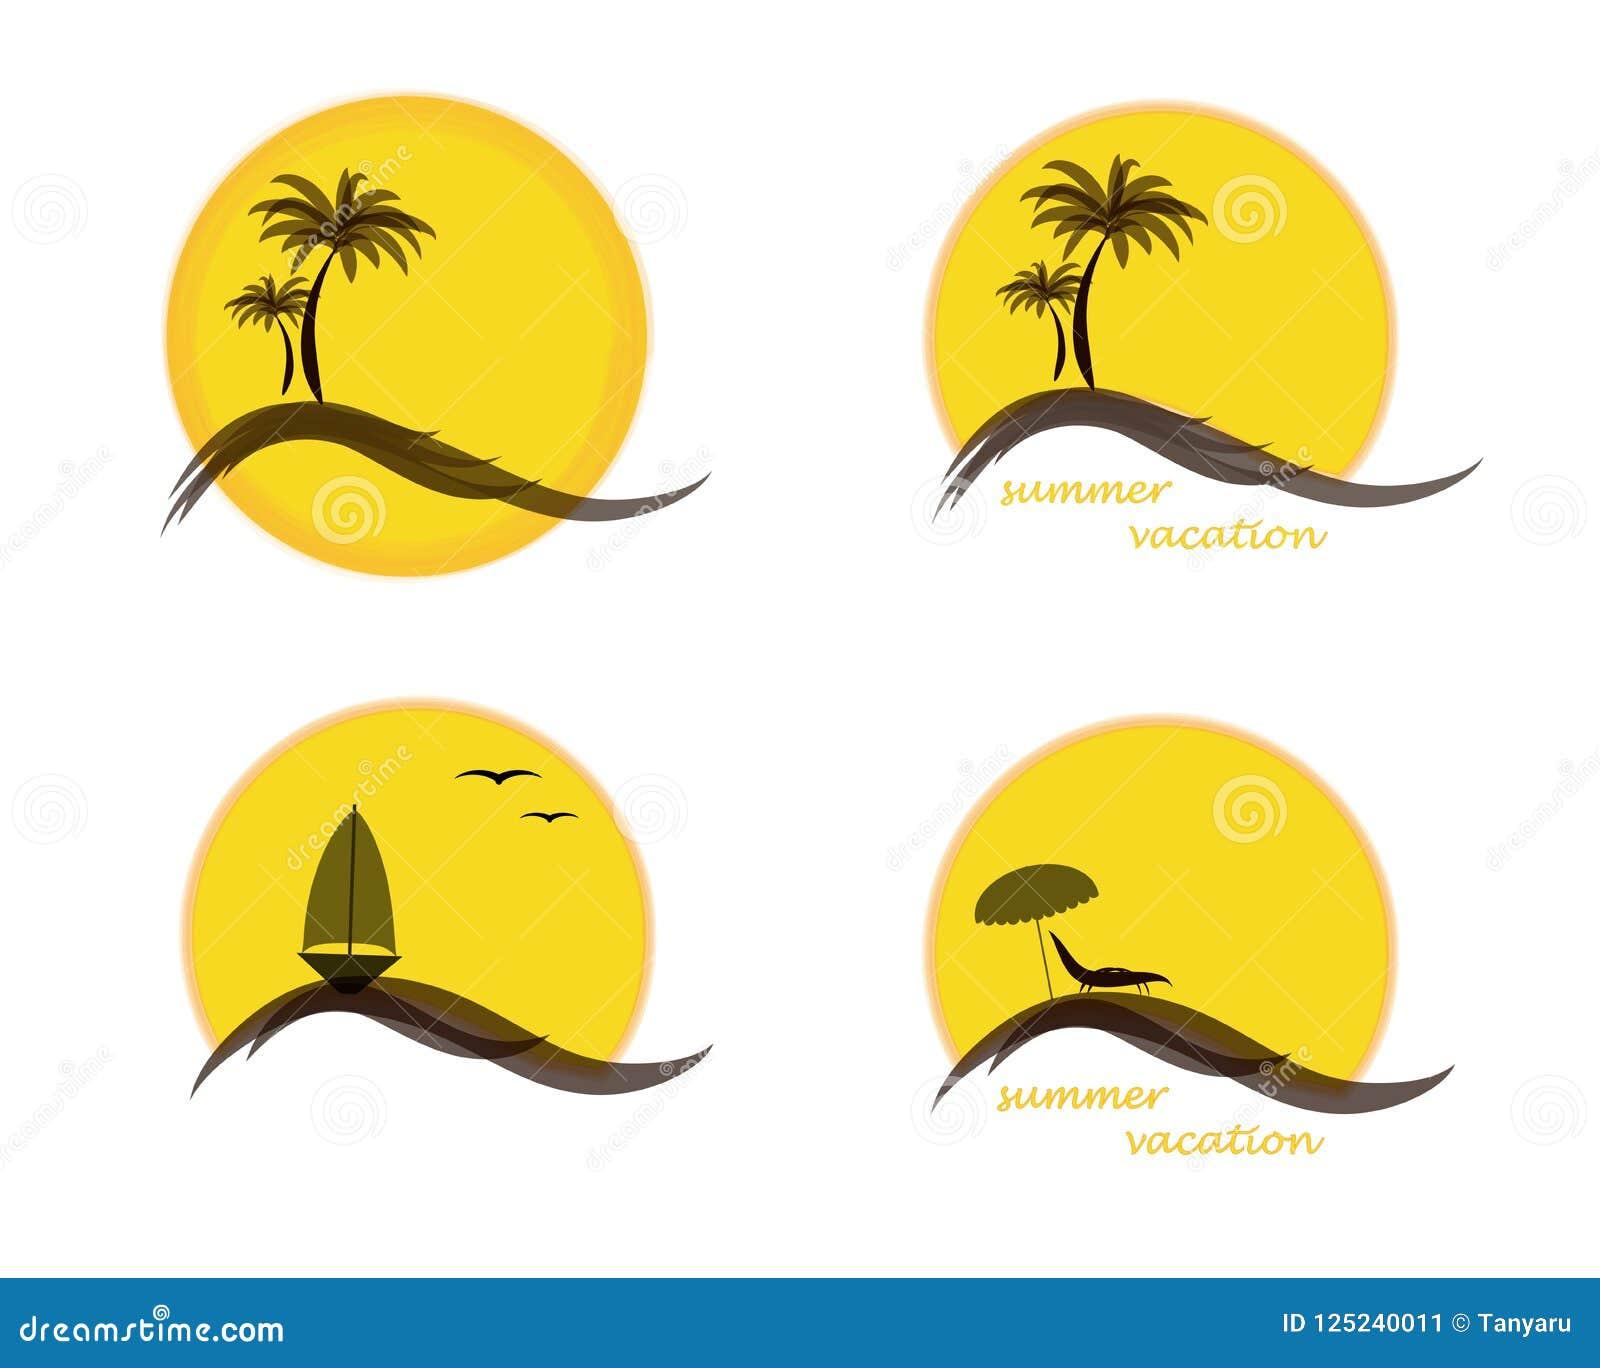 Logotipo de cuatro veranos con el sol, palmeras, océano o mar, velero y playa, ejemplo del vector aislado en blanco